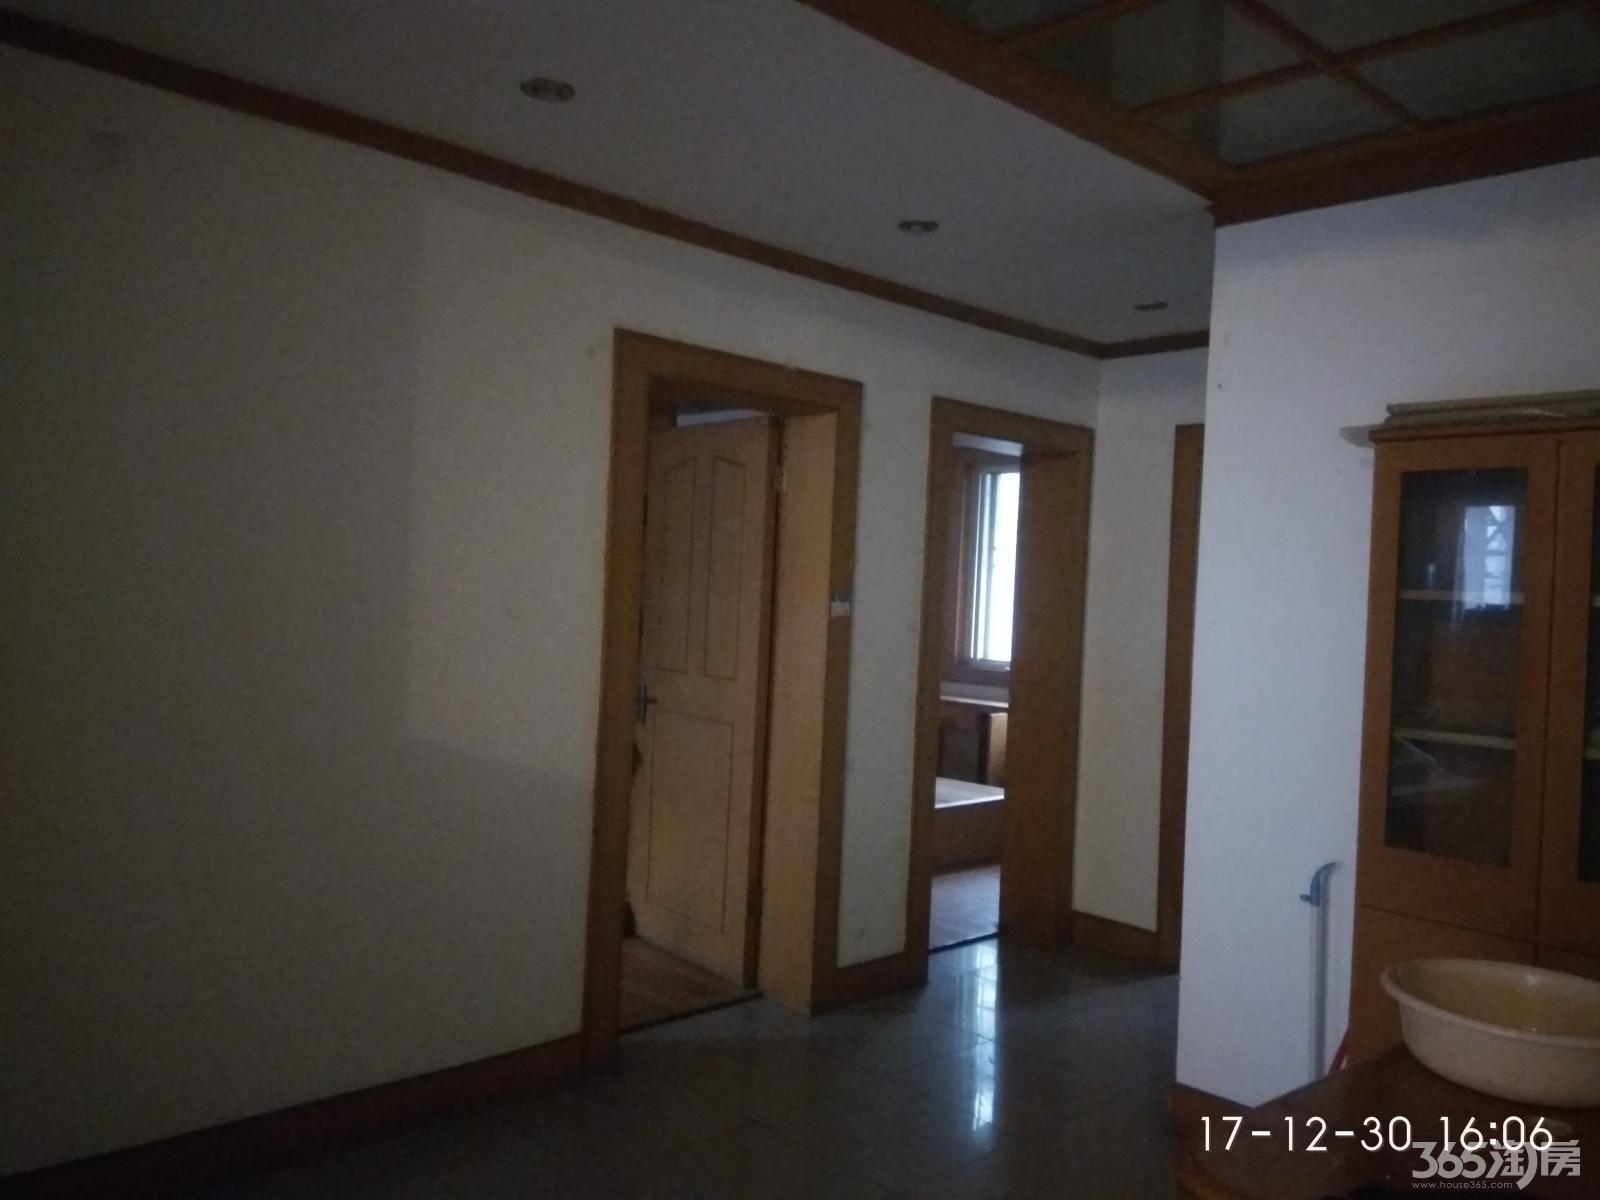 园丁二区3室2厅1卫92㎡整租中装